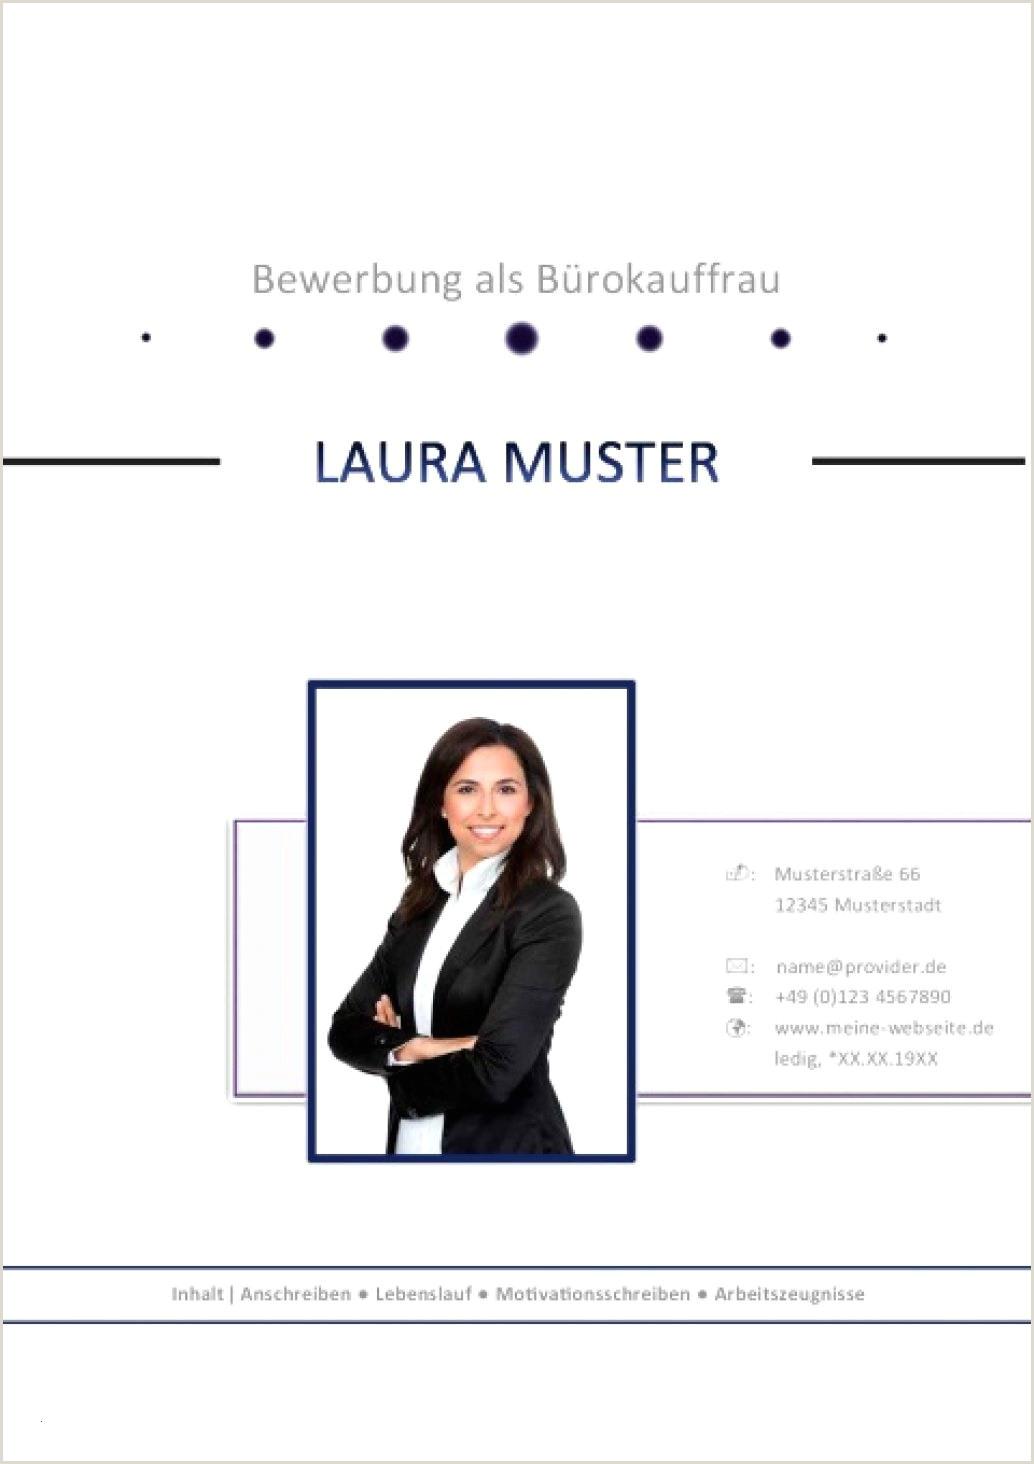 Lebenslauf Muster Bürokauffrau Lebenslauf Deckblatt Muster Beste Frisch Vorlage Lebenslauf